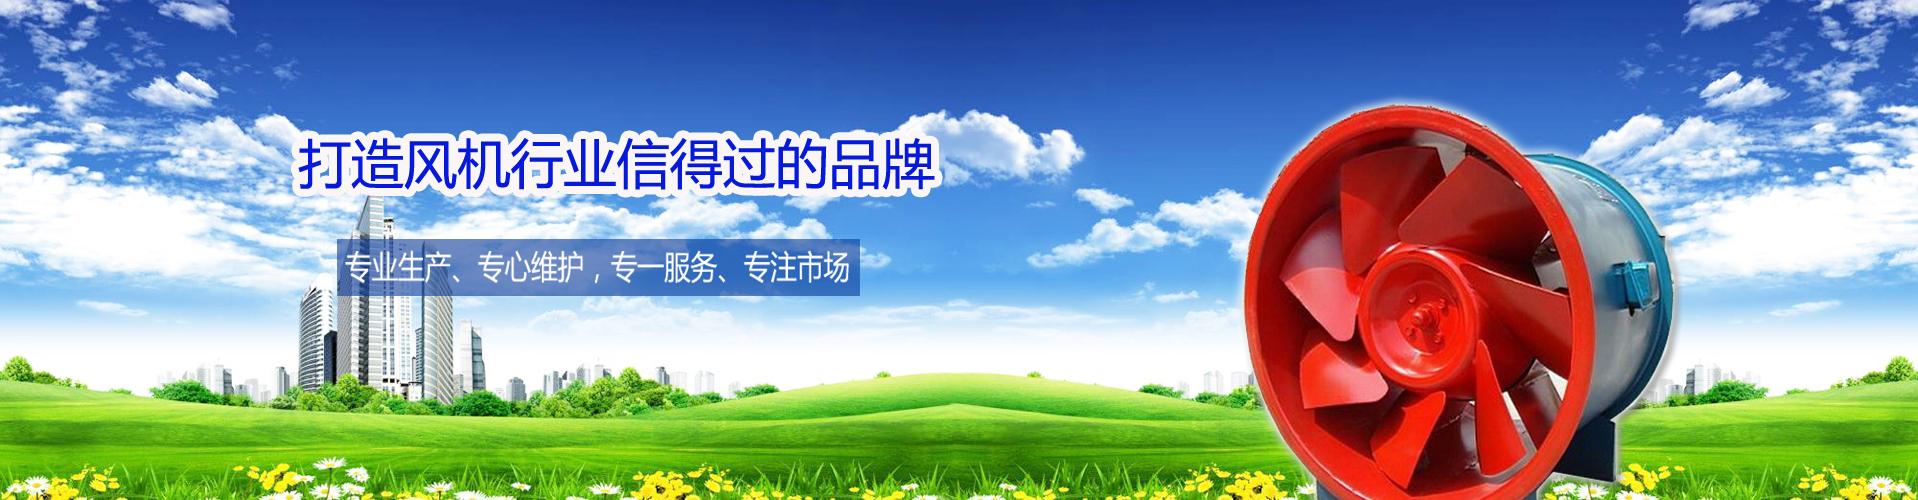 万博manbetx官网手机版下载大型万博manbetx官网手机版